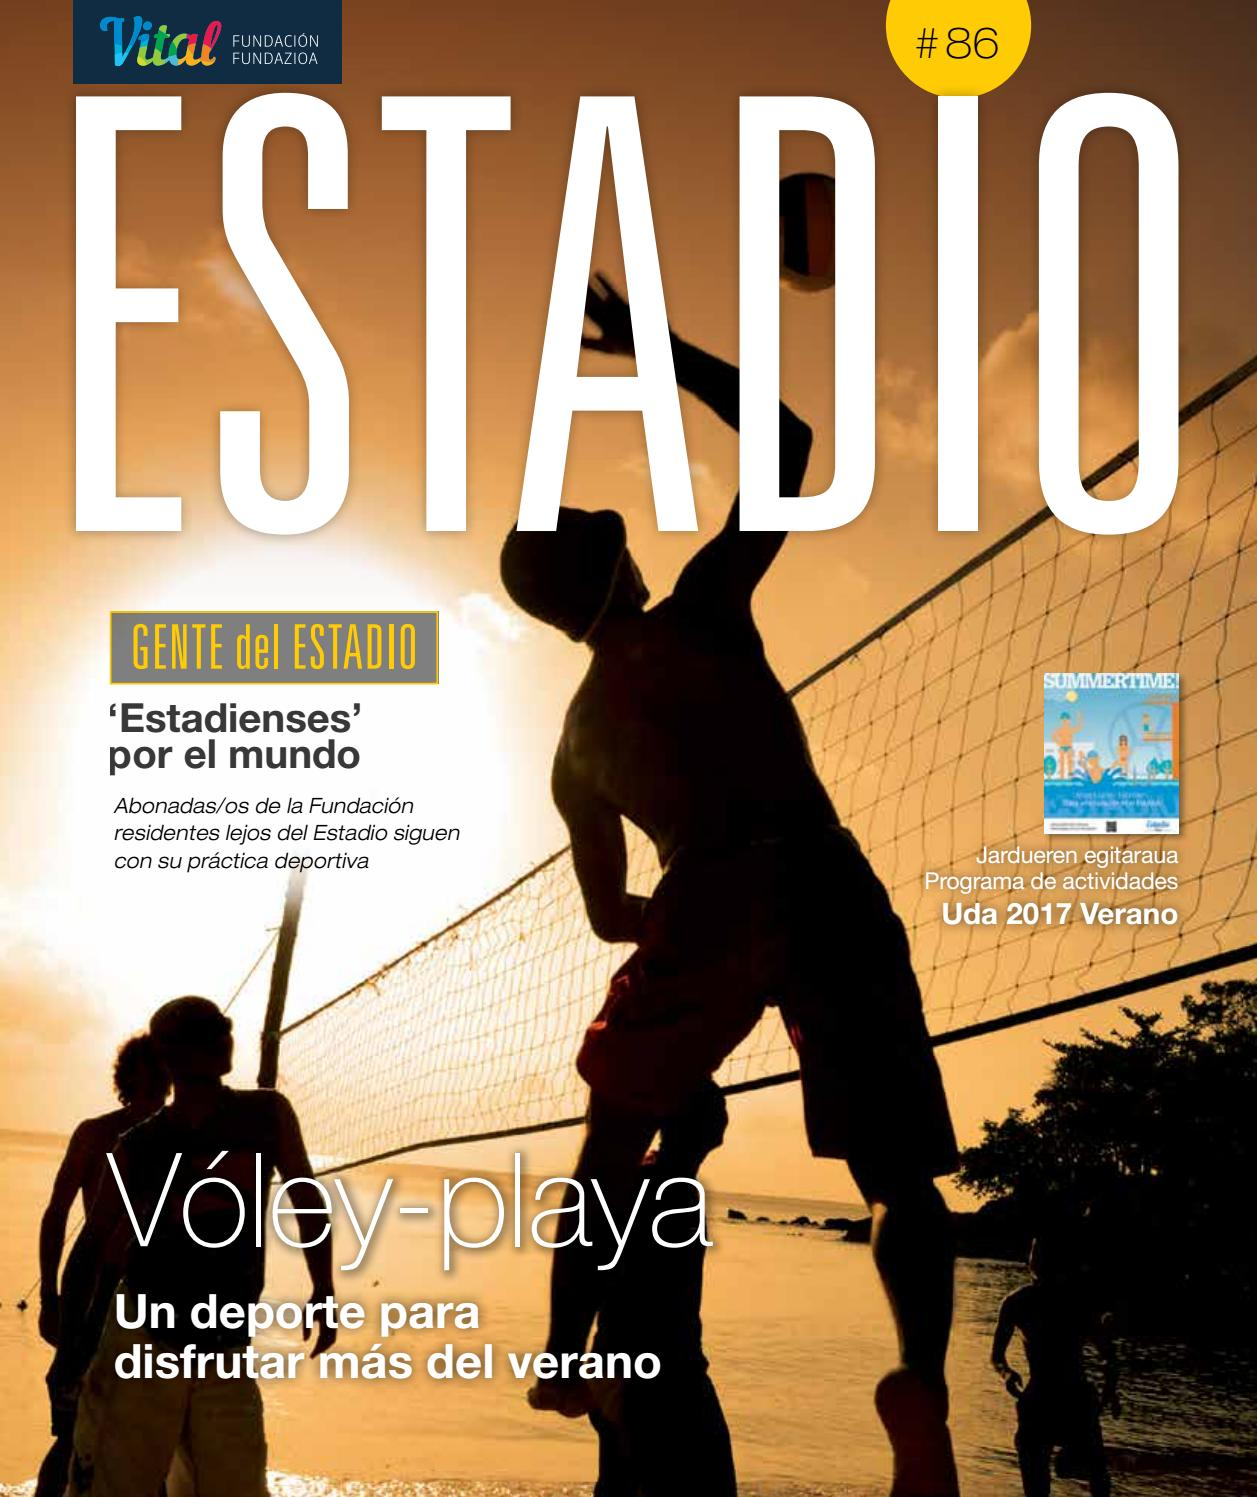 Revista ESTADIO 86 by Fundacion Estadio F. - issuu 22a58d13102eb